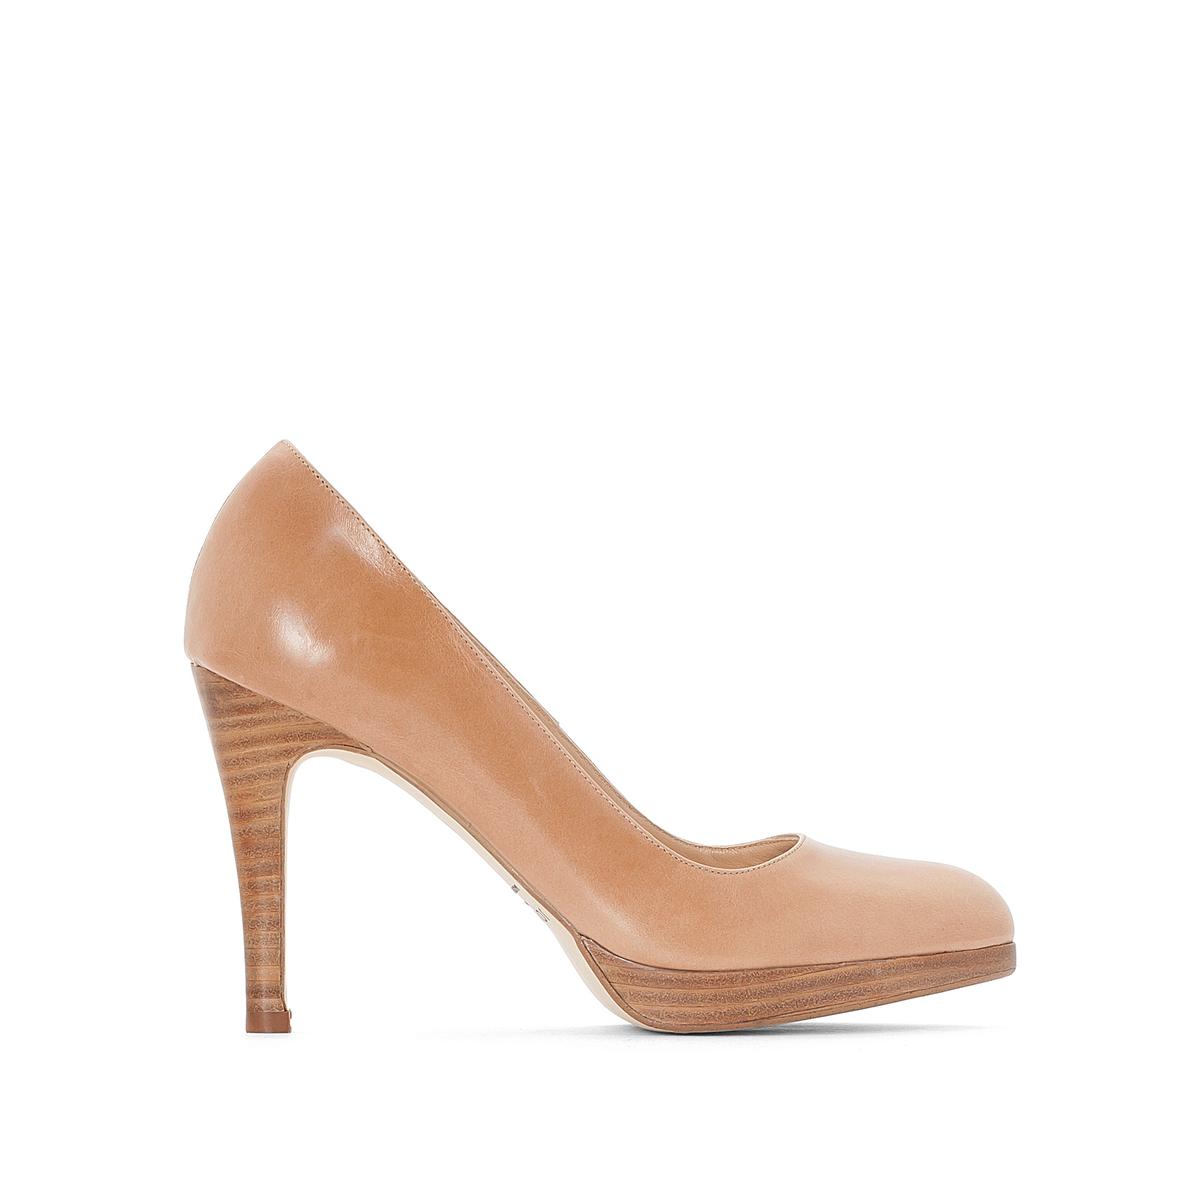 цены на Туфли кожаные на каблуке-шпильке в интернет-магазинах